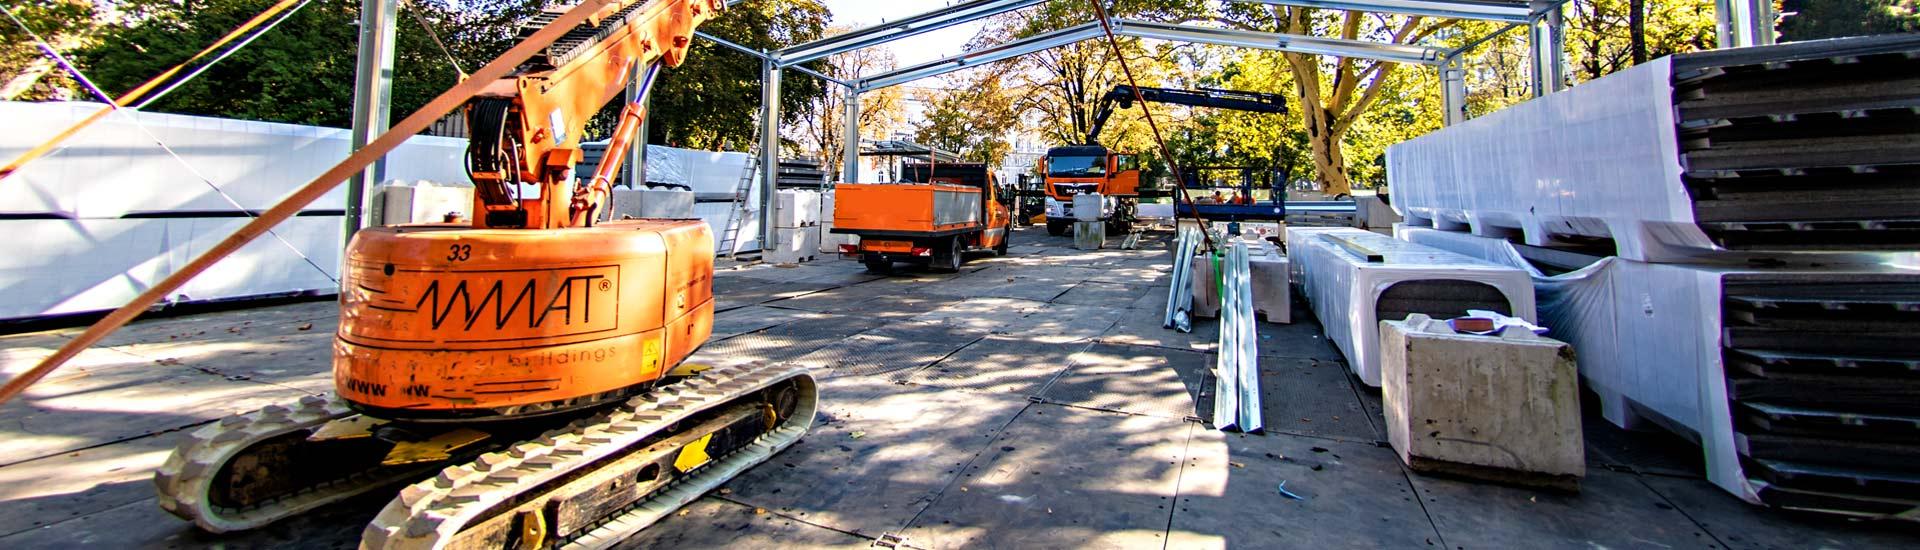 Eventboden & mobile Abdecksysteme für Eventflächen, Zelte, Bühnen, Versorgungswege & temporäre Infrastrukturen